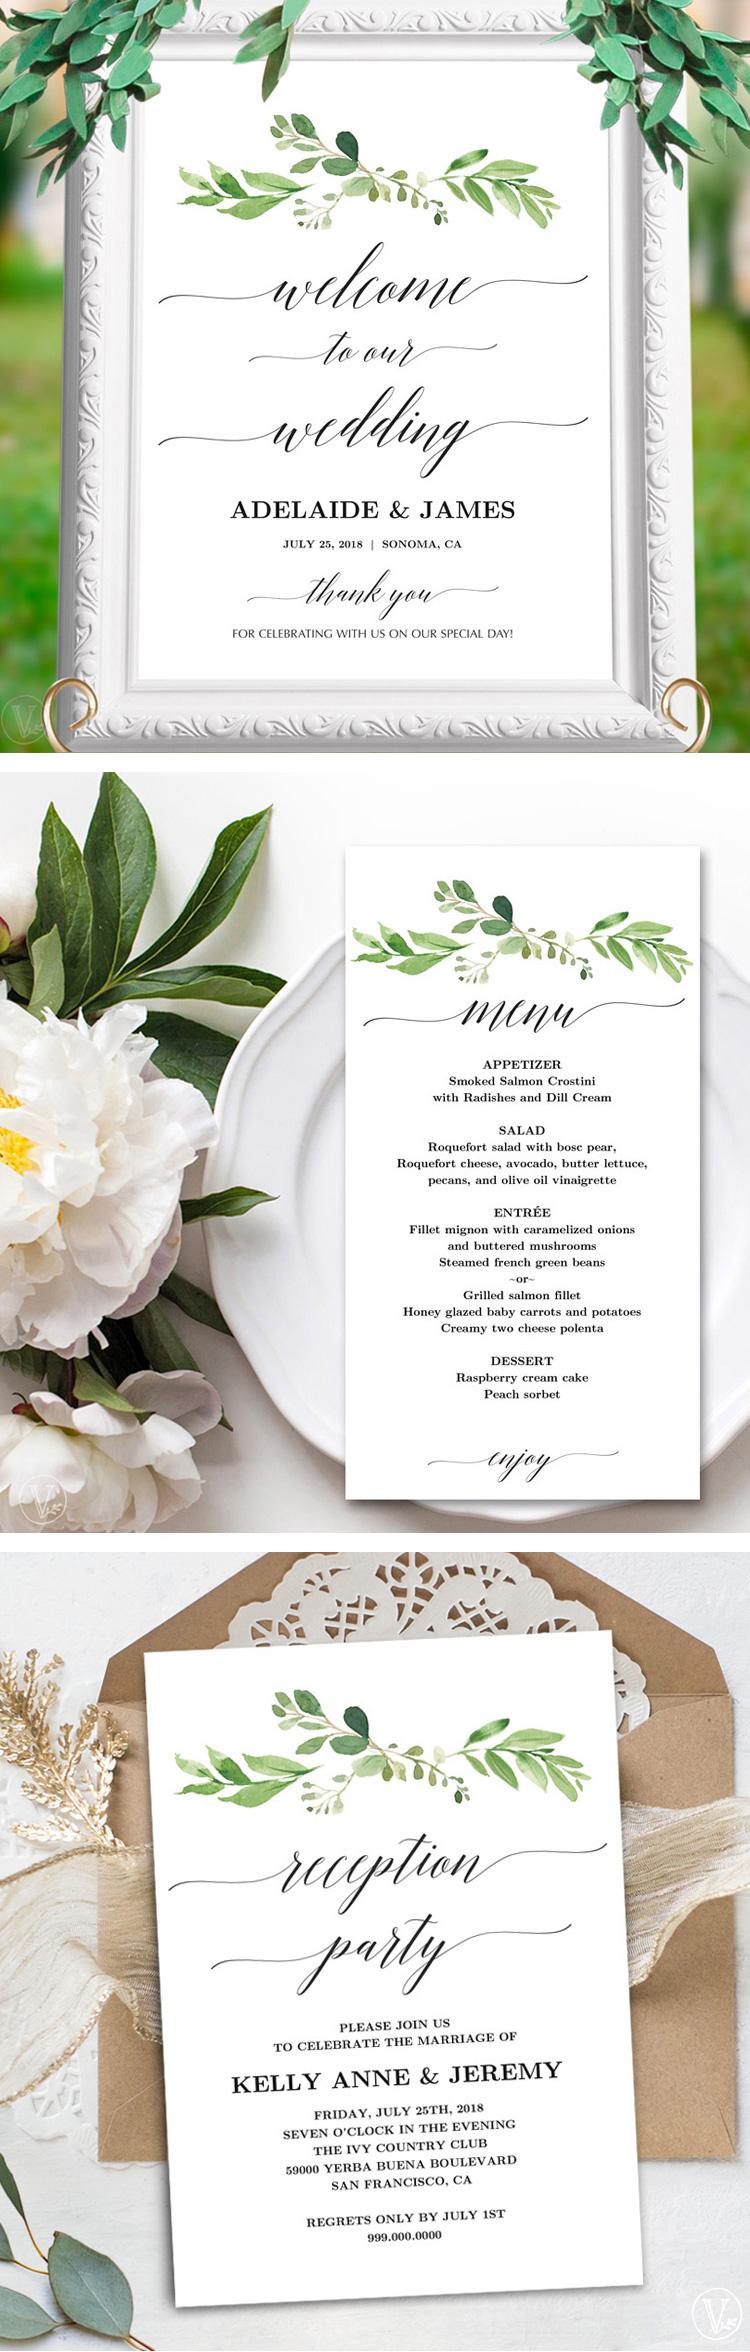 Greenery Wedding Reception